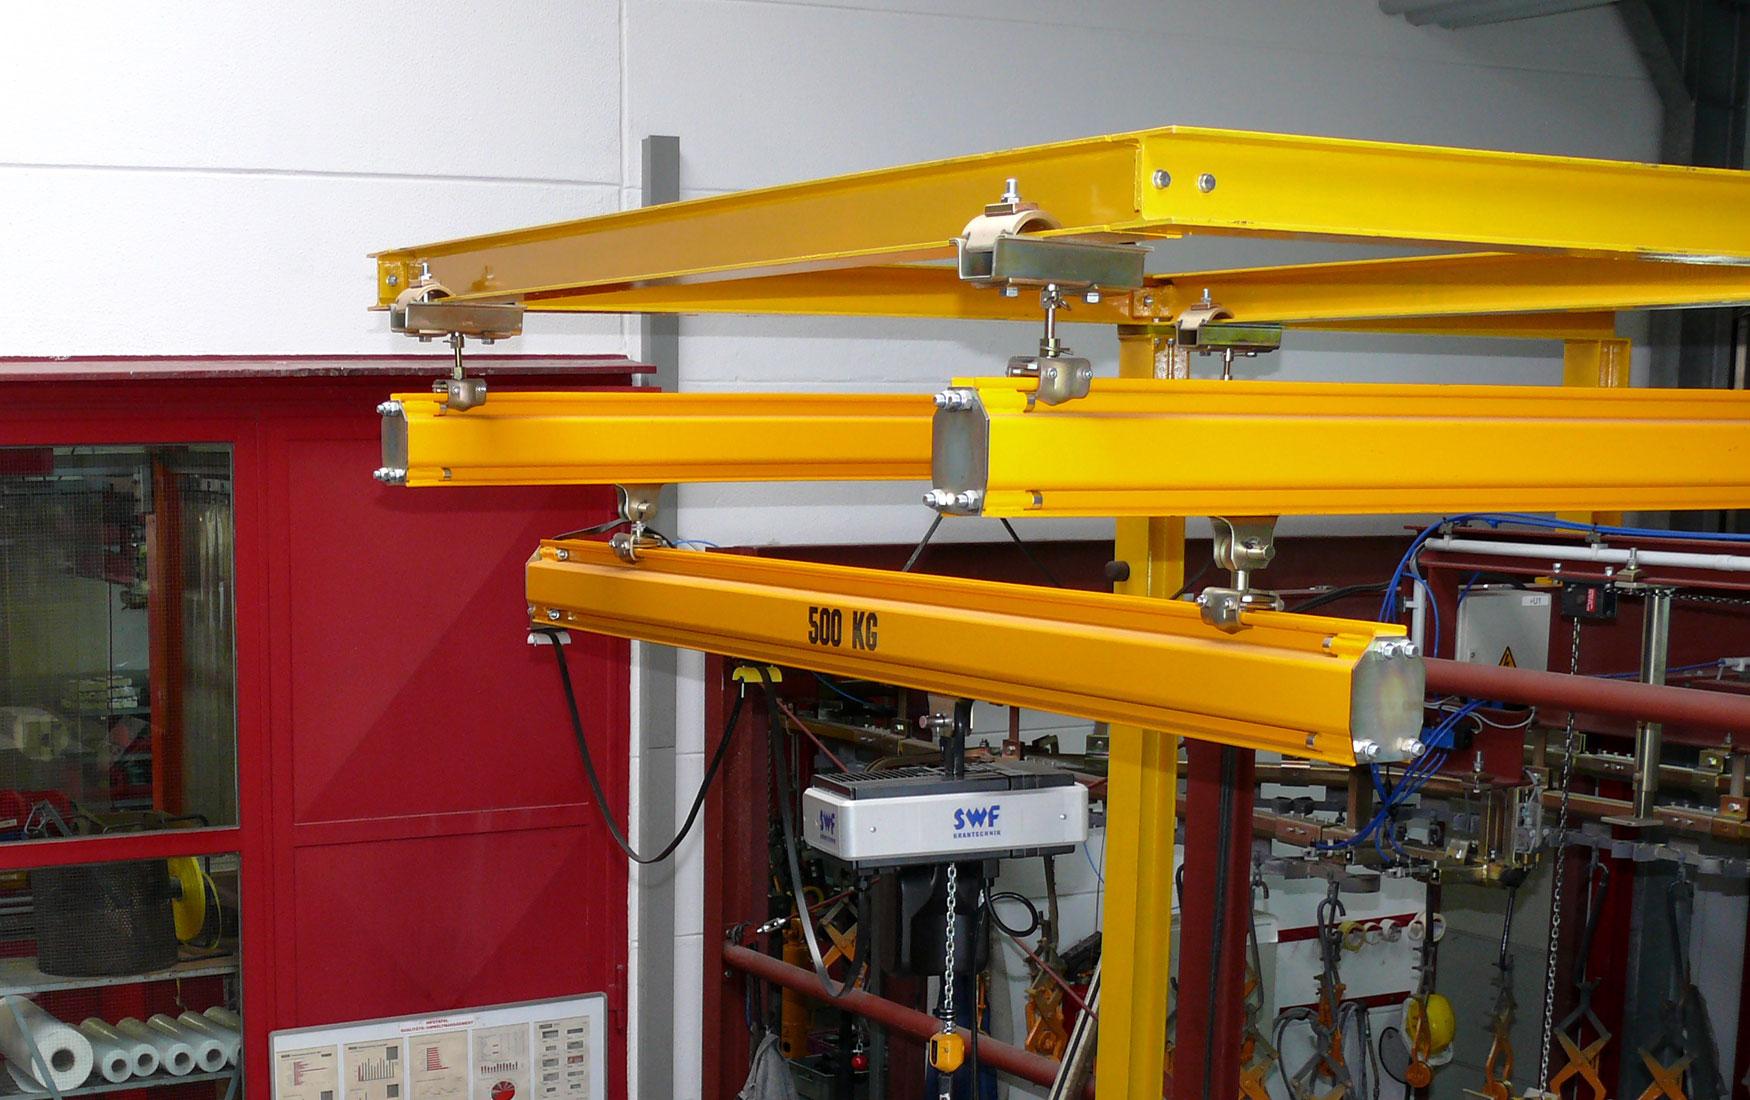 teollisuus-metalliteollisuus-teollisuuden-profiilinosturit-satateras_4